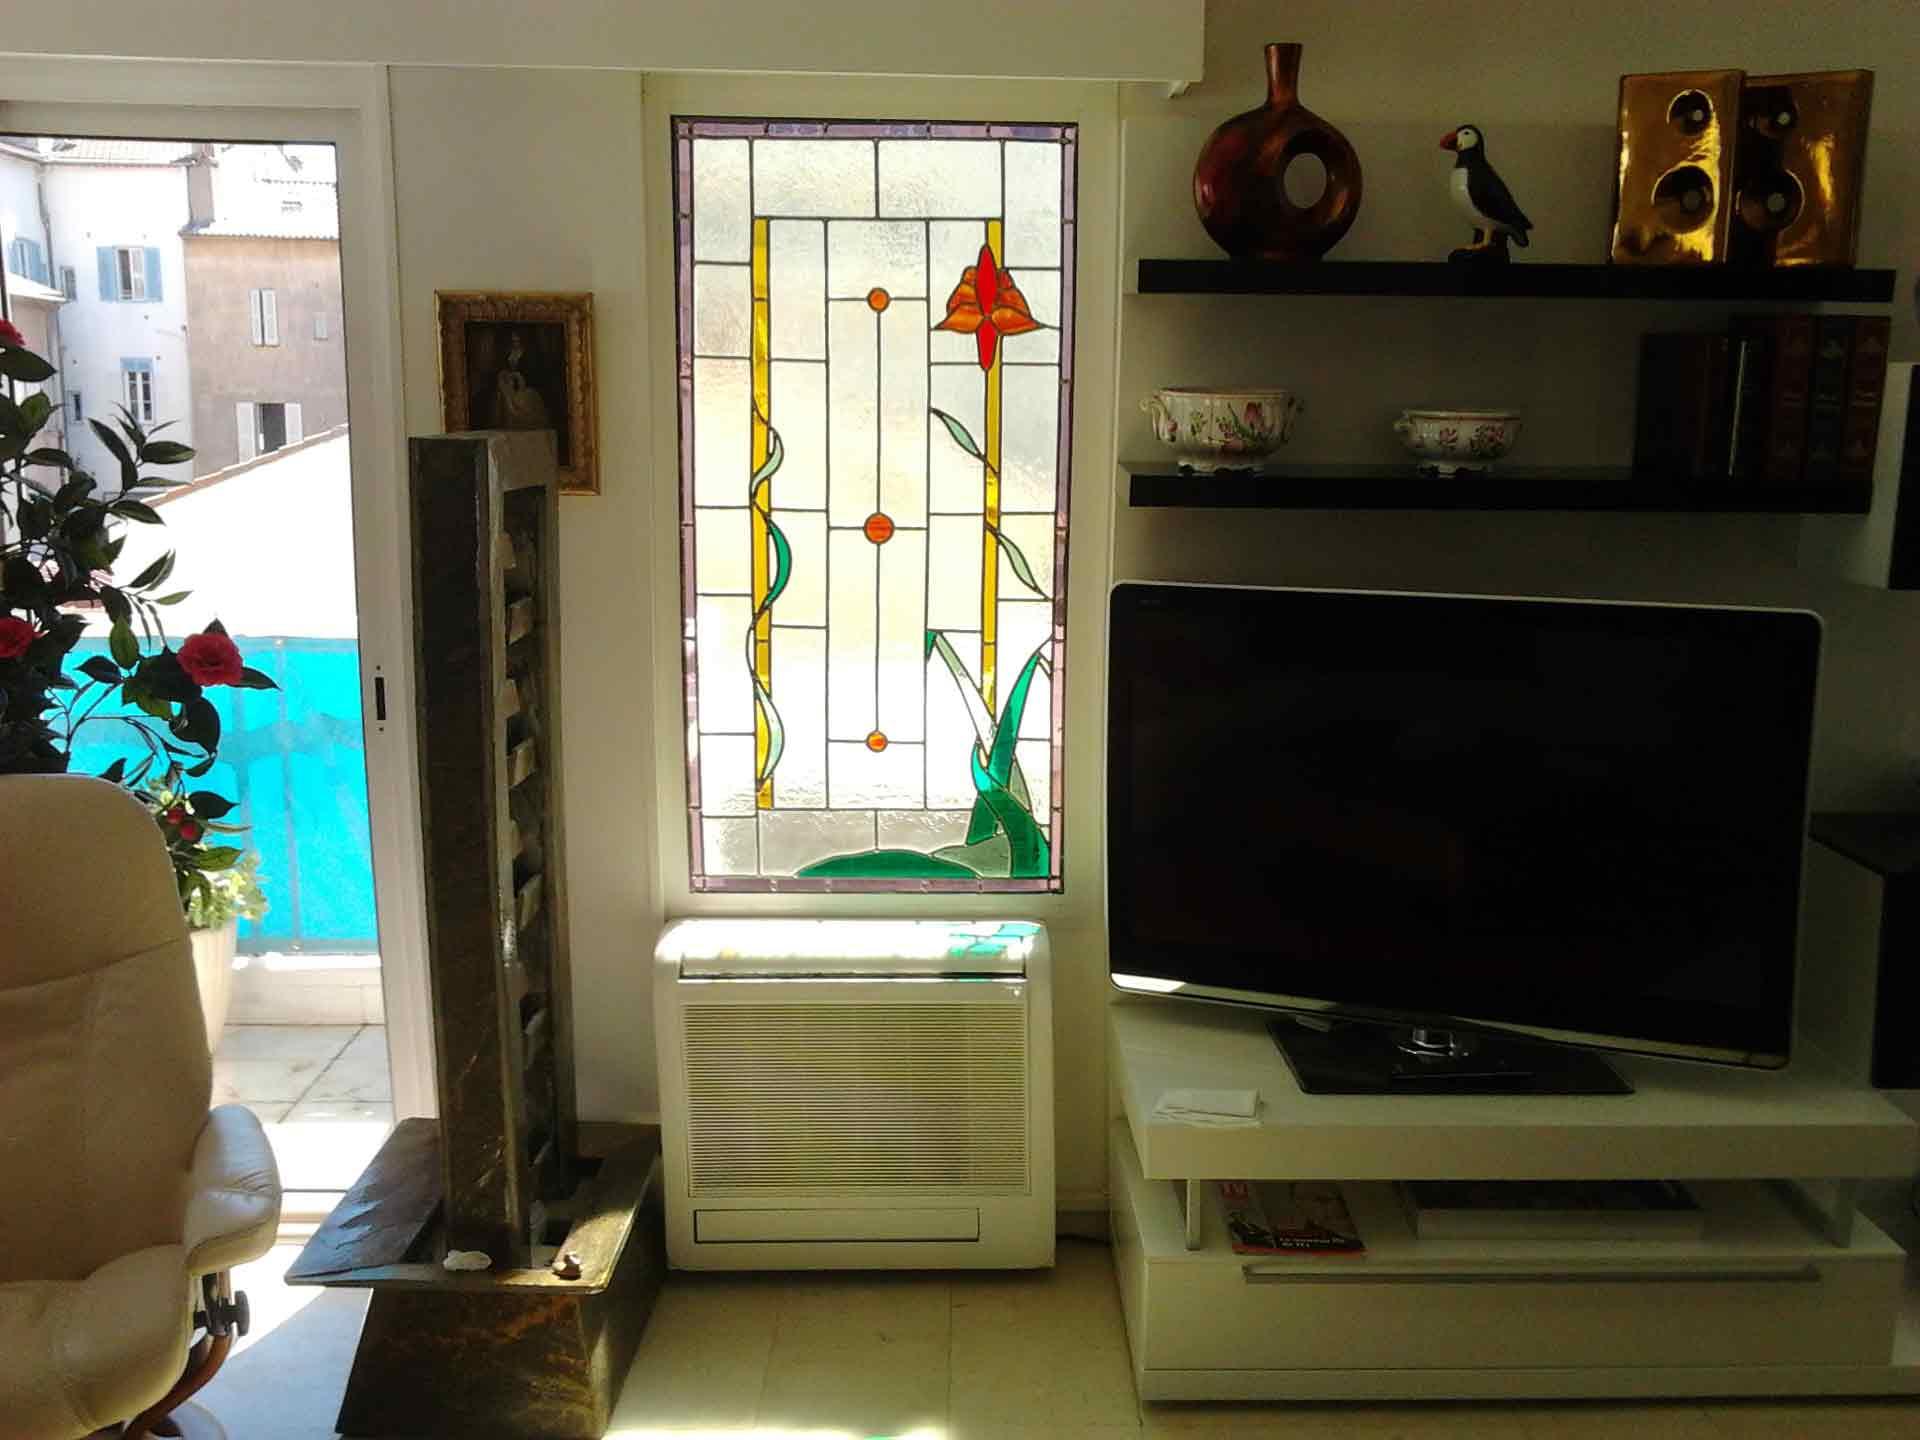 décoration interieur particulier 2